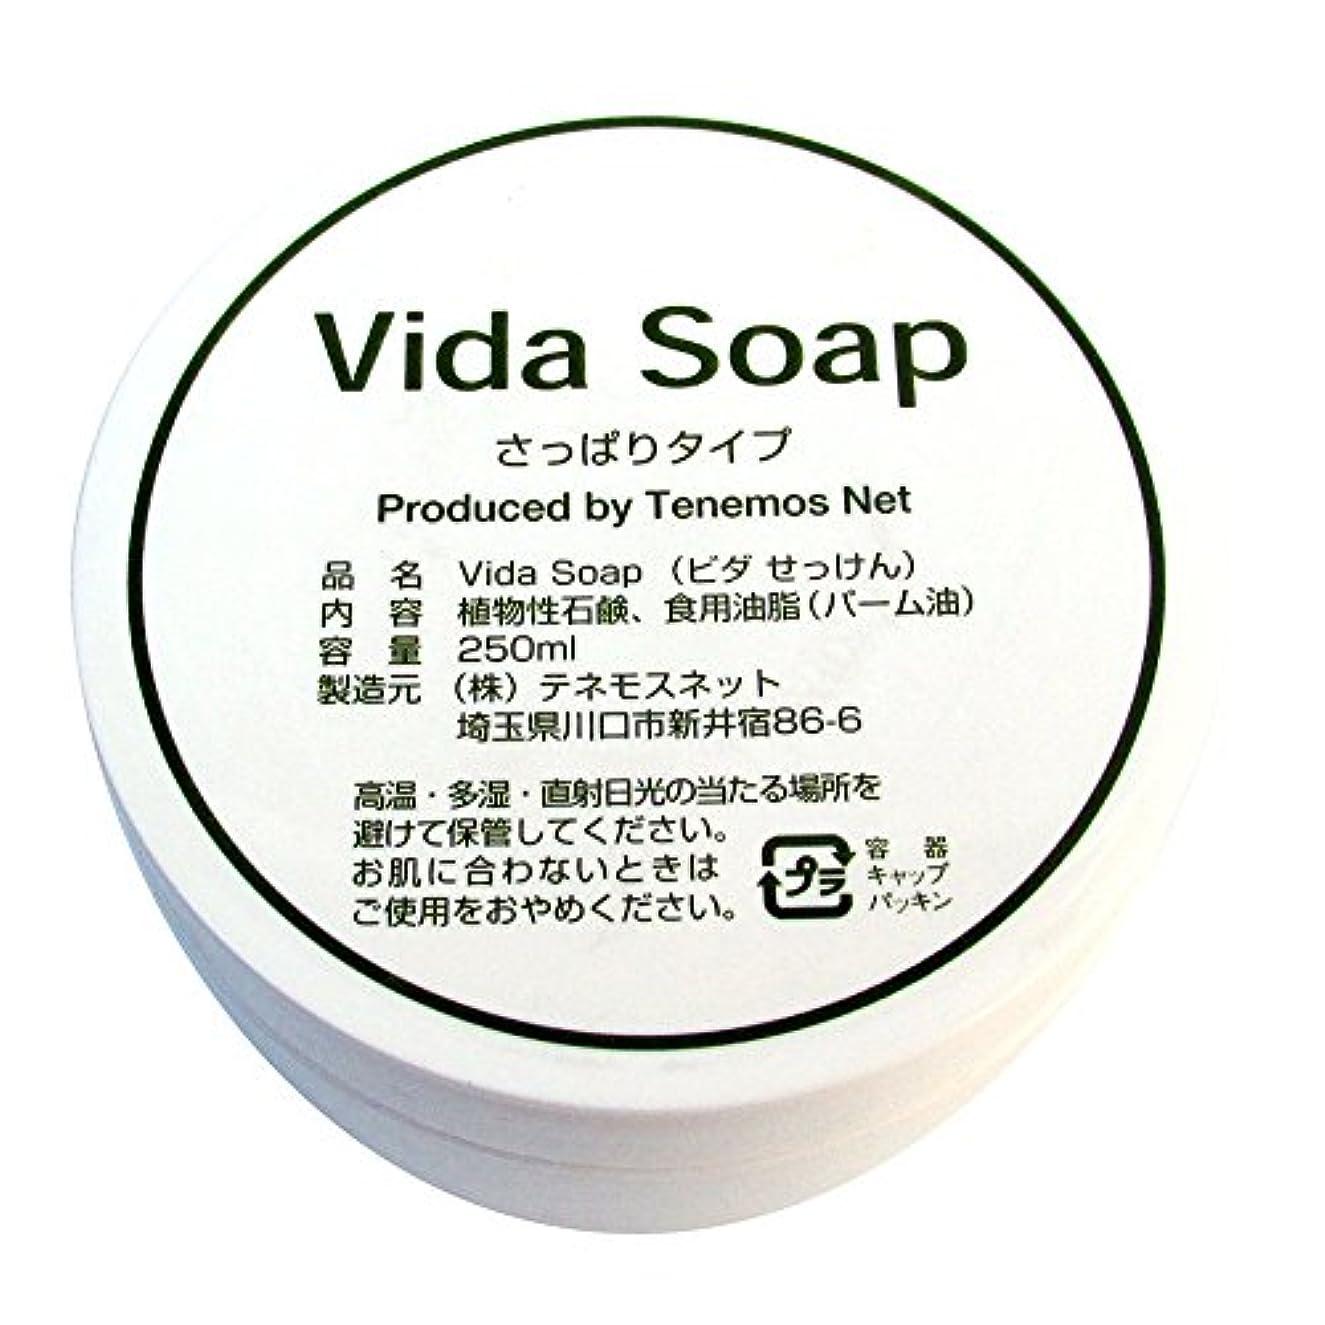 過度に灌漑カメラテネモス ビダせっけん Vida Soap さっぱりノーマル 植物性 250ml